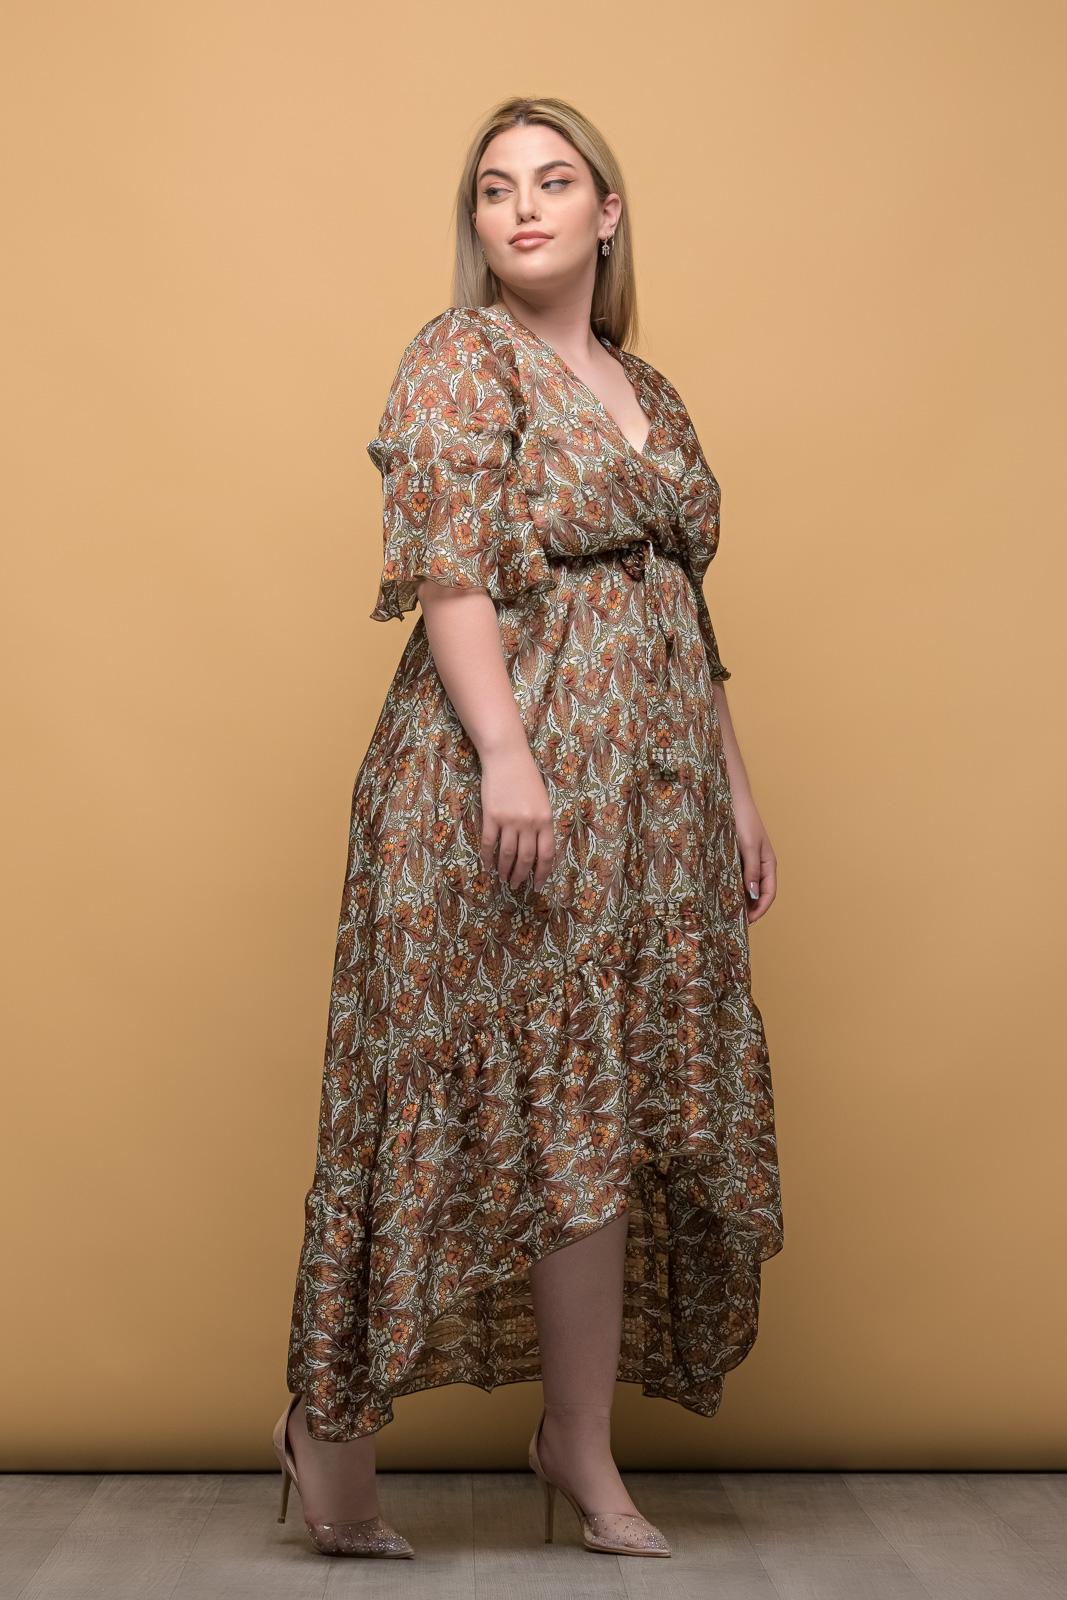 Φόρεμα κρουαζέ μουσελίνα σε αποχρώσεις πράσινου και καφέ